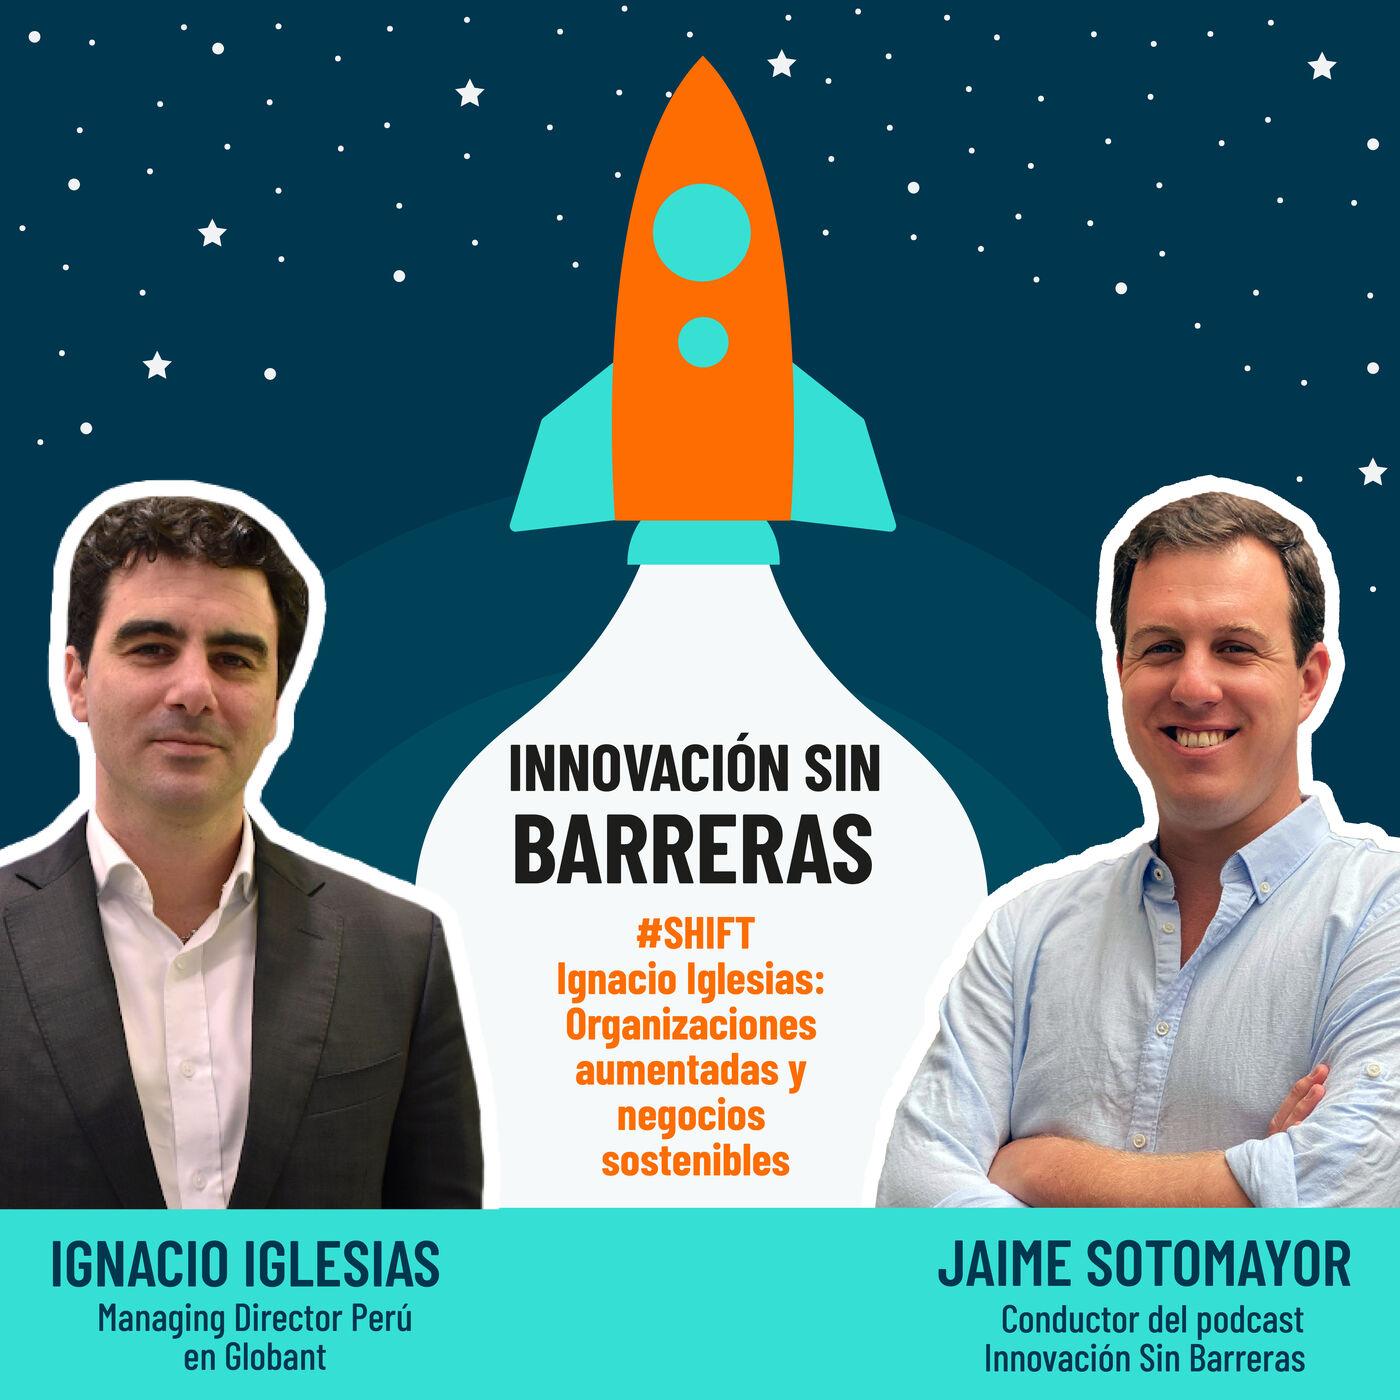 #SHIFT — Ignacio Iglesias: Organizaciones Aumentadas y negocios sostenibles